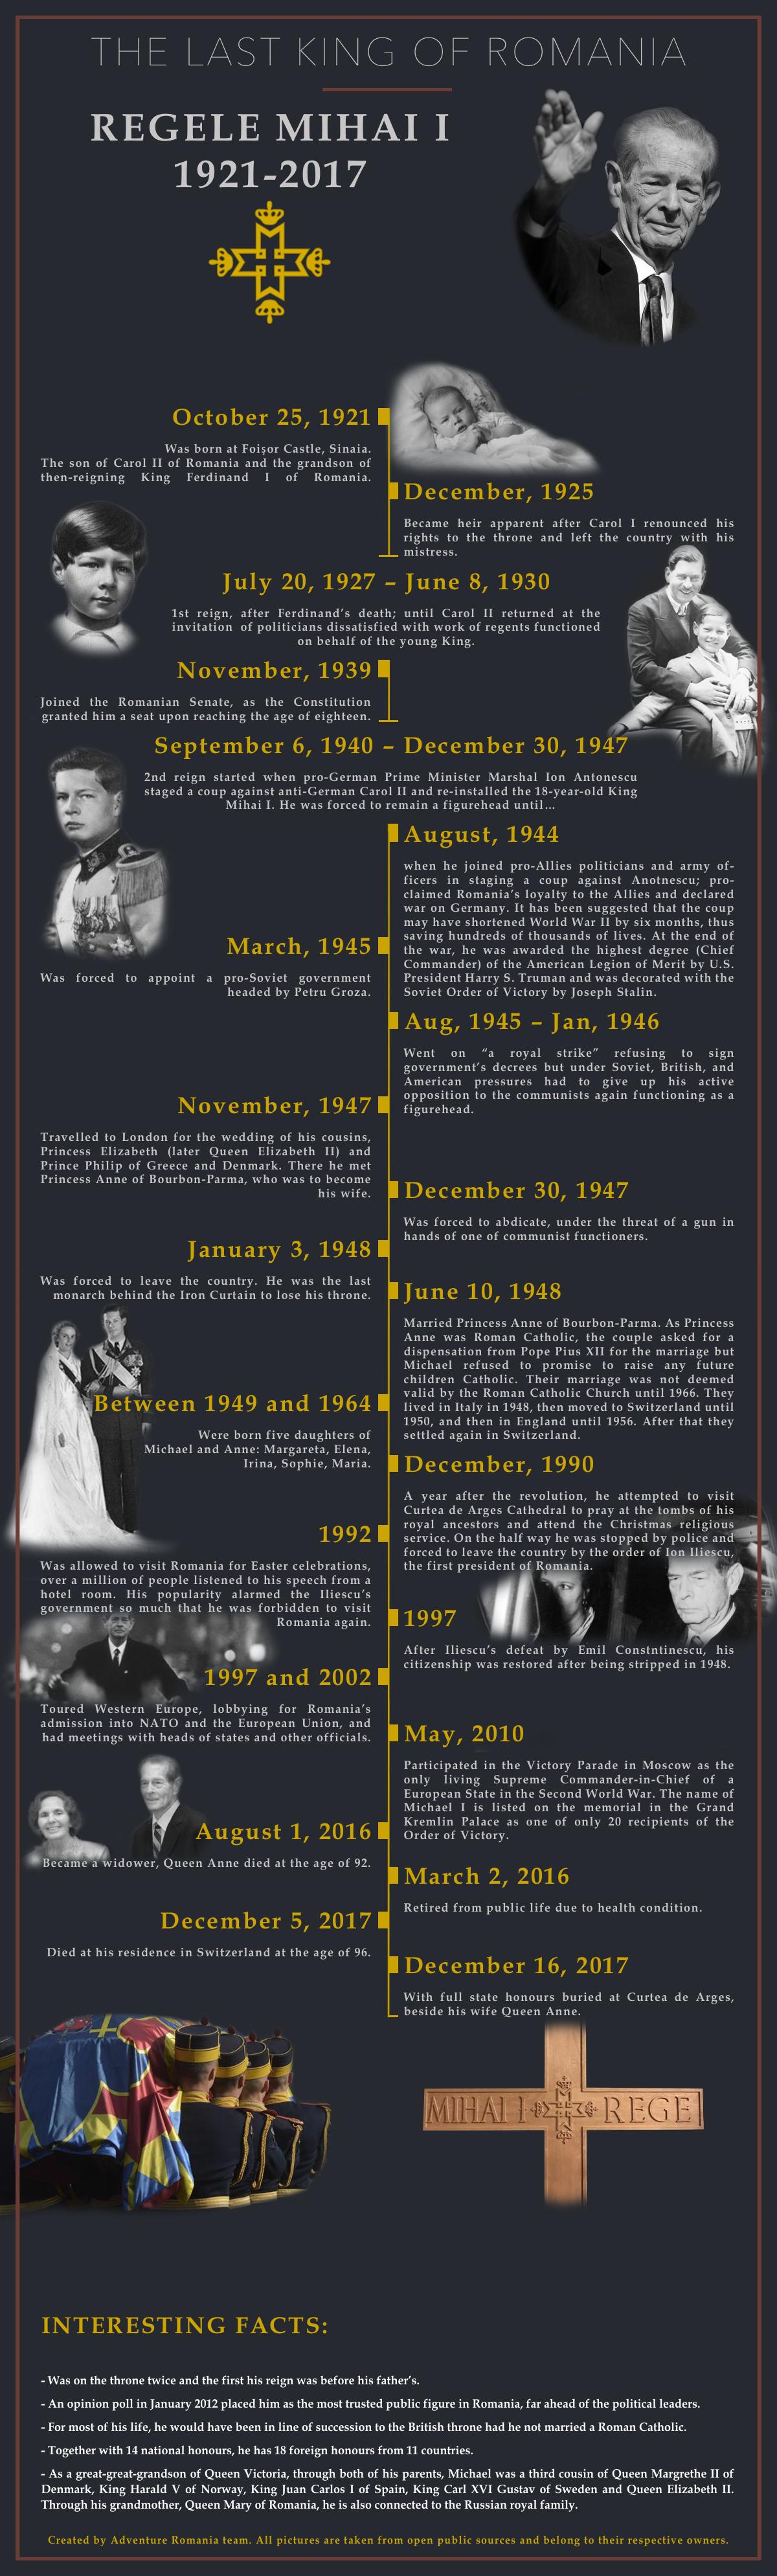 Regele Mihai I of Romania Timeline